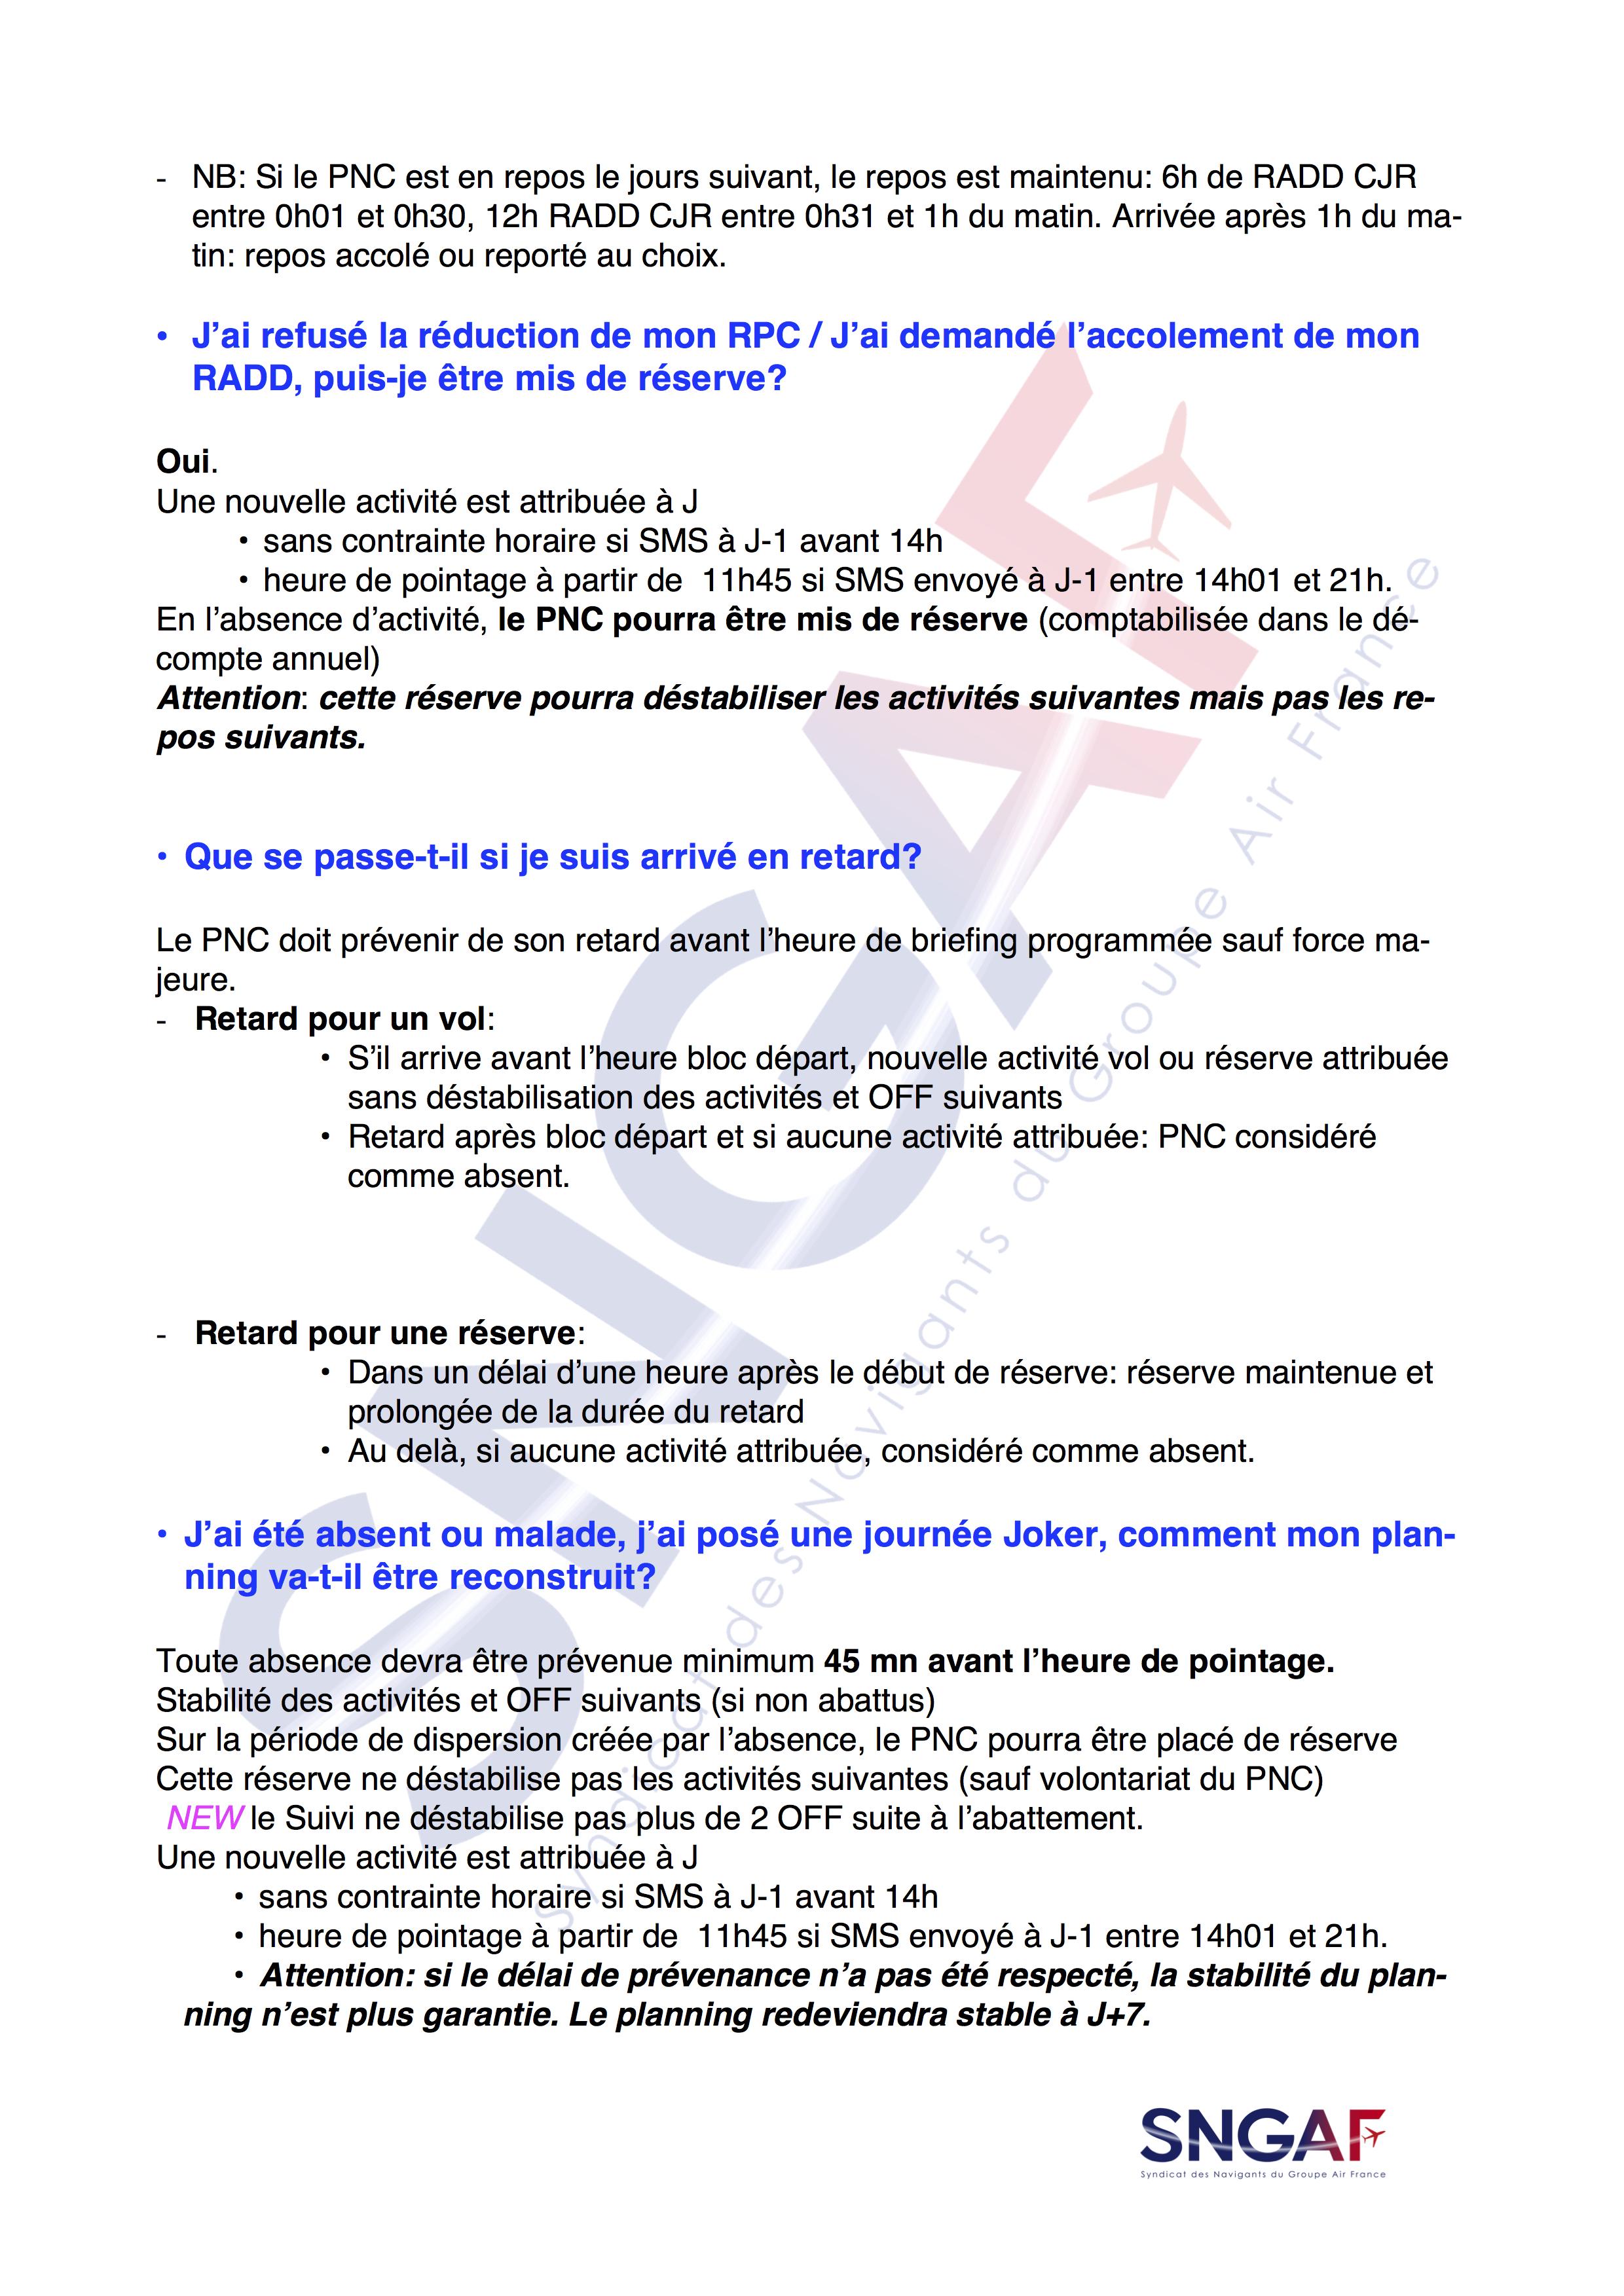 FAQ SNGAF Accord Moyen Courrier 2017-2022-13